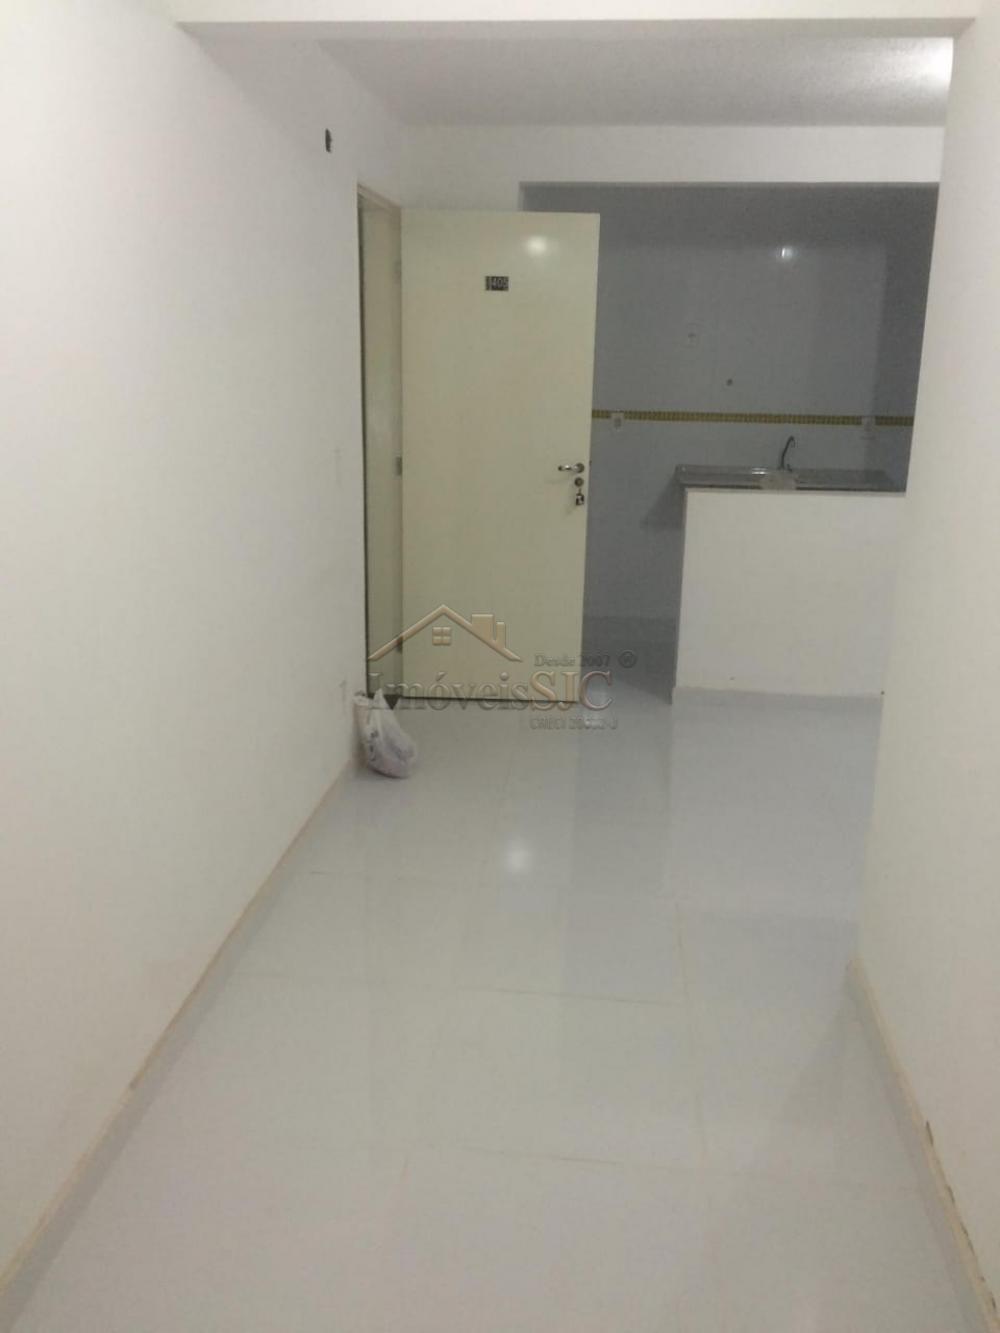 Comprar Apartamentos / Padrão em São José dos Campos apenas R$ 170.000,00 - Foto 2